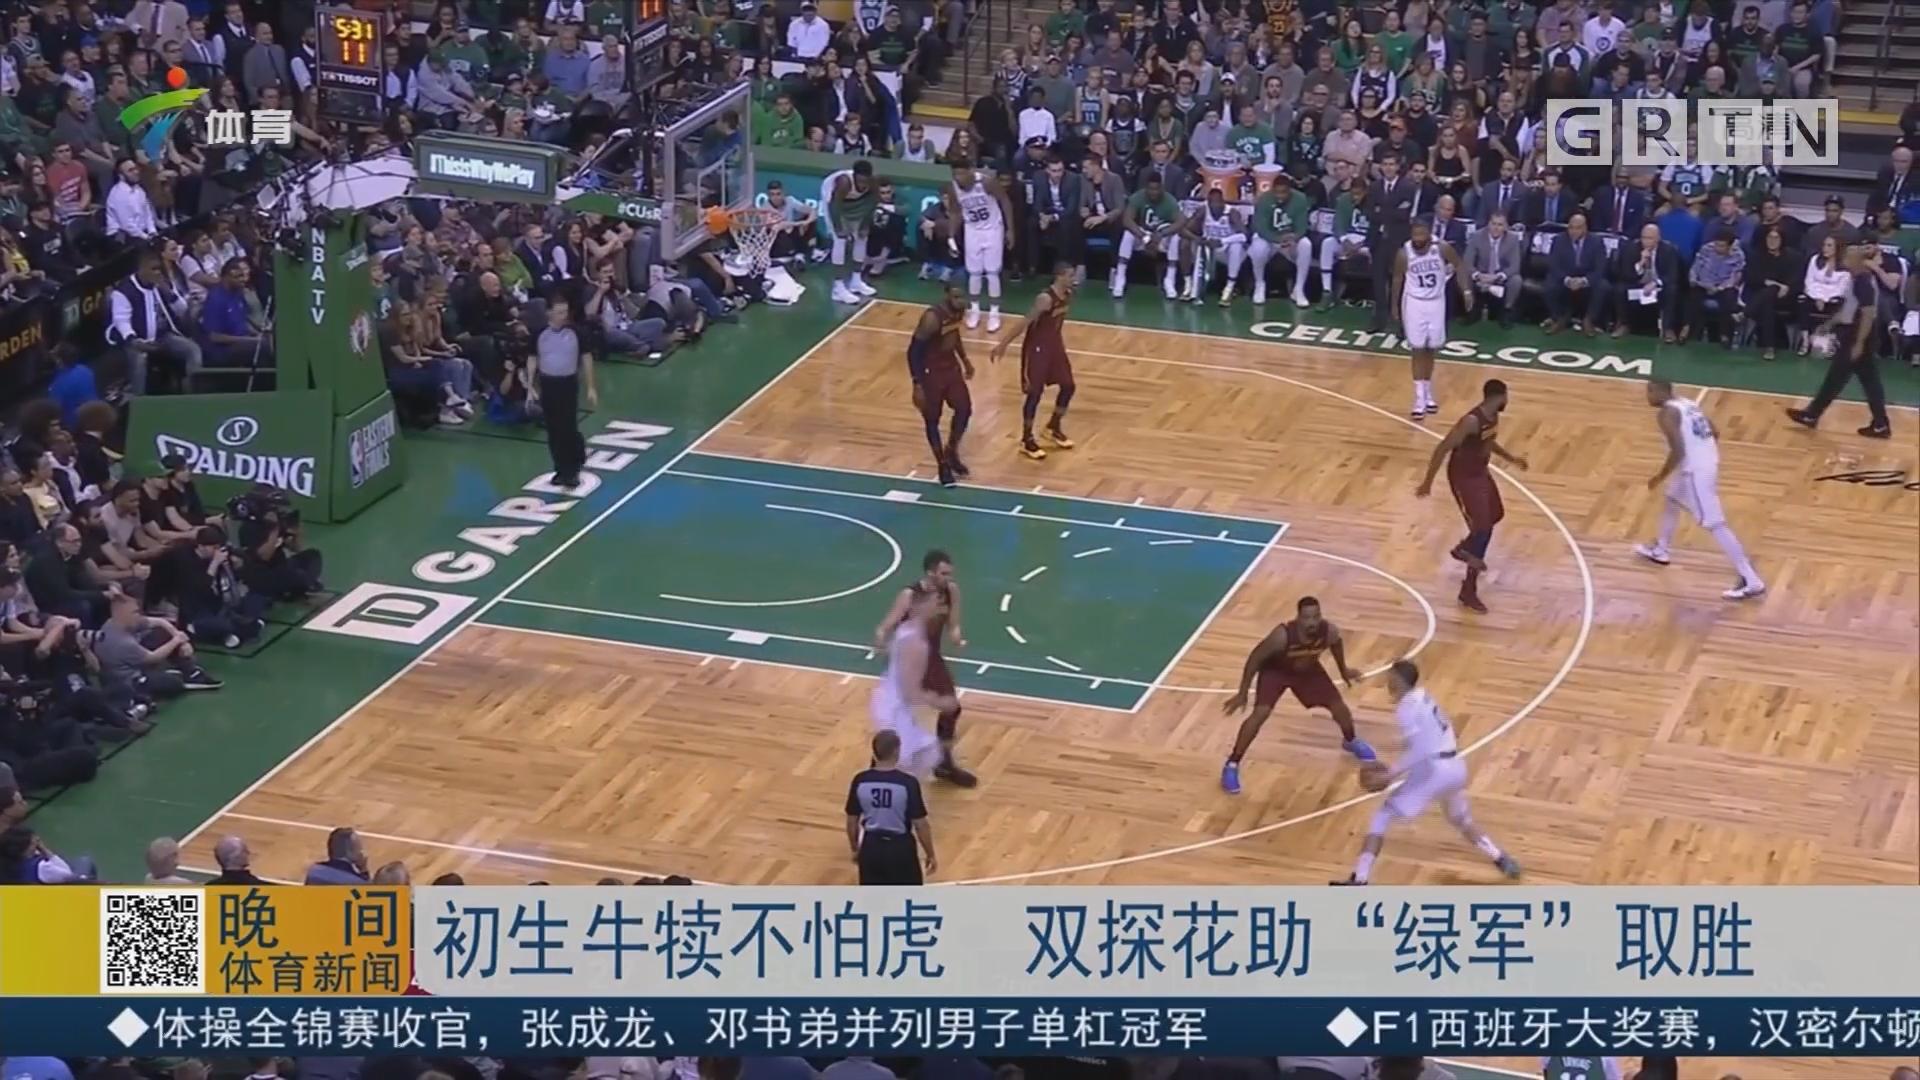 """初生牛犊不怕虎 双探花助""""绿军""""取胜"""